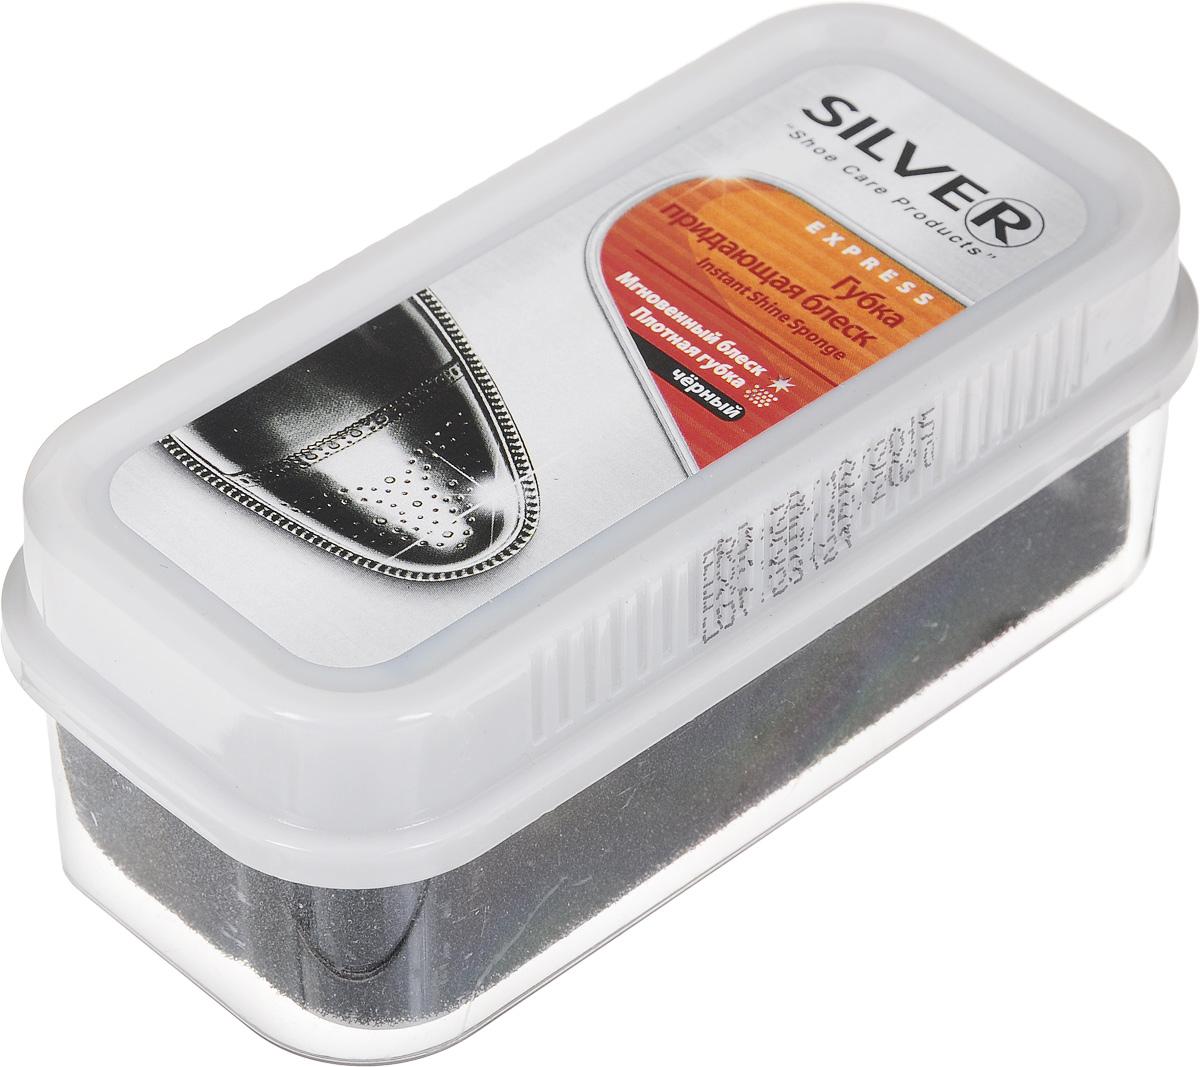 Губка для обуви Silver, придающая блеск, цвет: черный, 11 х 5 х 4,5 смDW90Губка Silver с силиконовым маслом предназначена для ухода за обувью из гладкой кожи, она придает ей естественный блеск. Не использовать для замши, нубука и текстиля.Размер: 11 х 5 х 4,5 см.Состав: > 90% силиконовое масло, Товар сертифицирован.